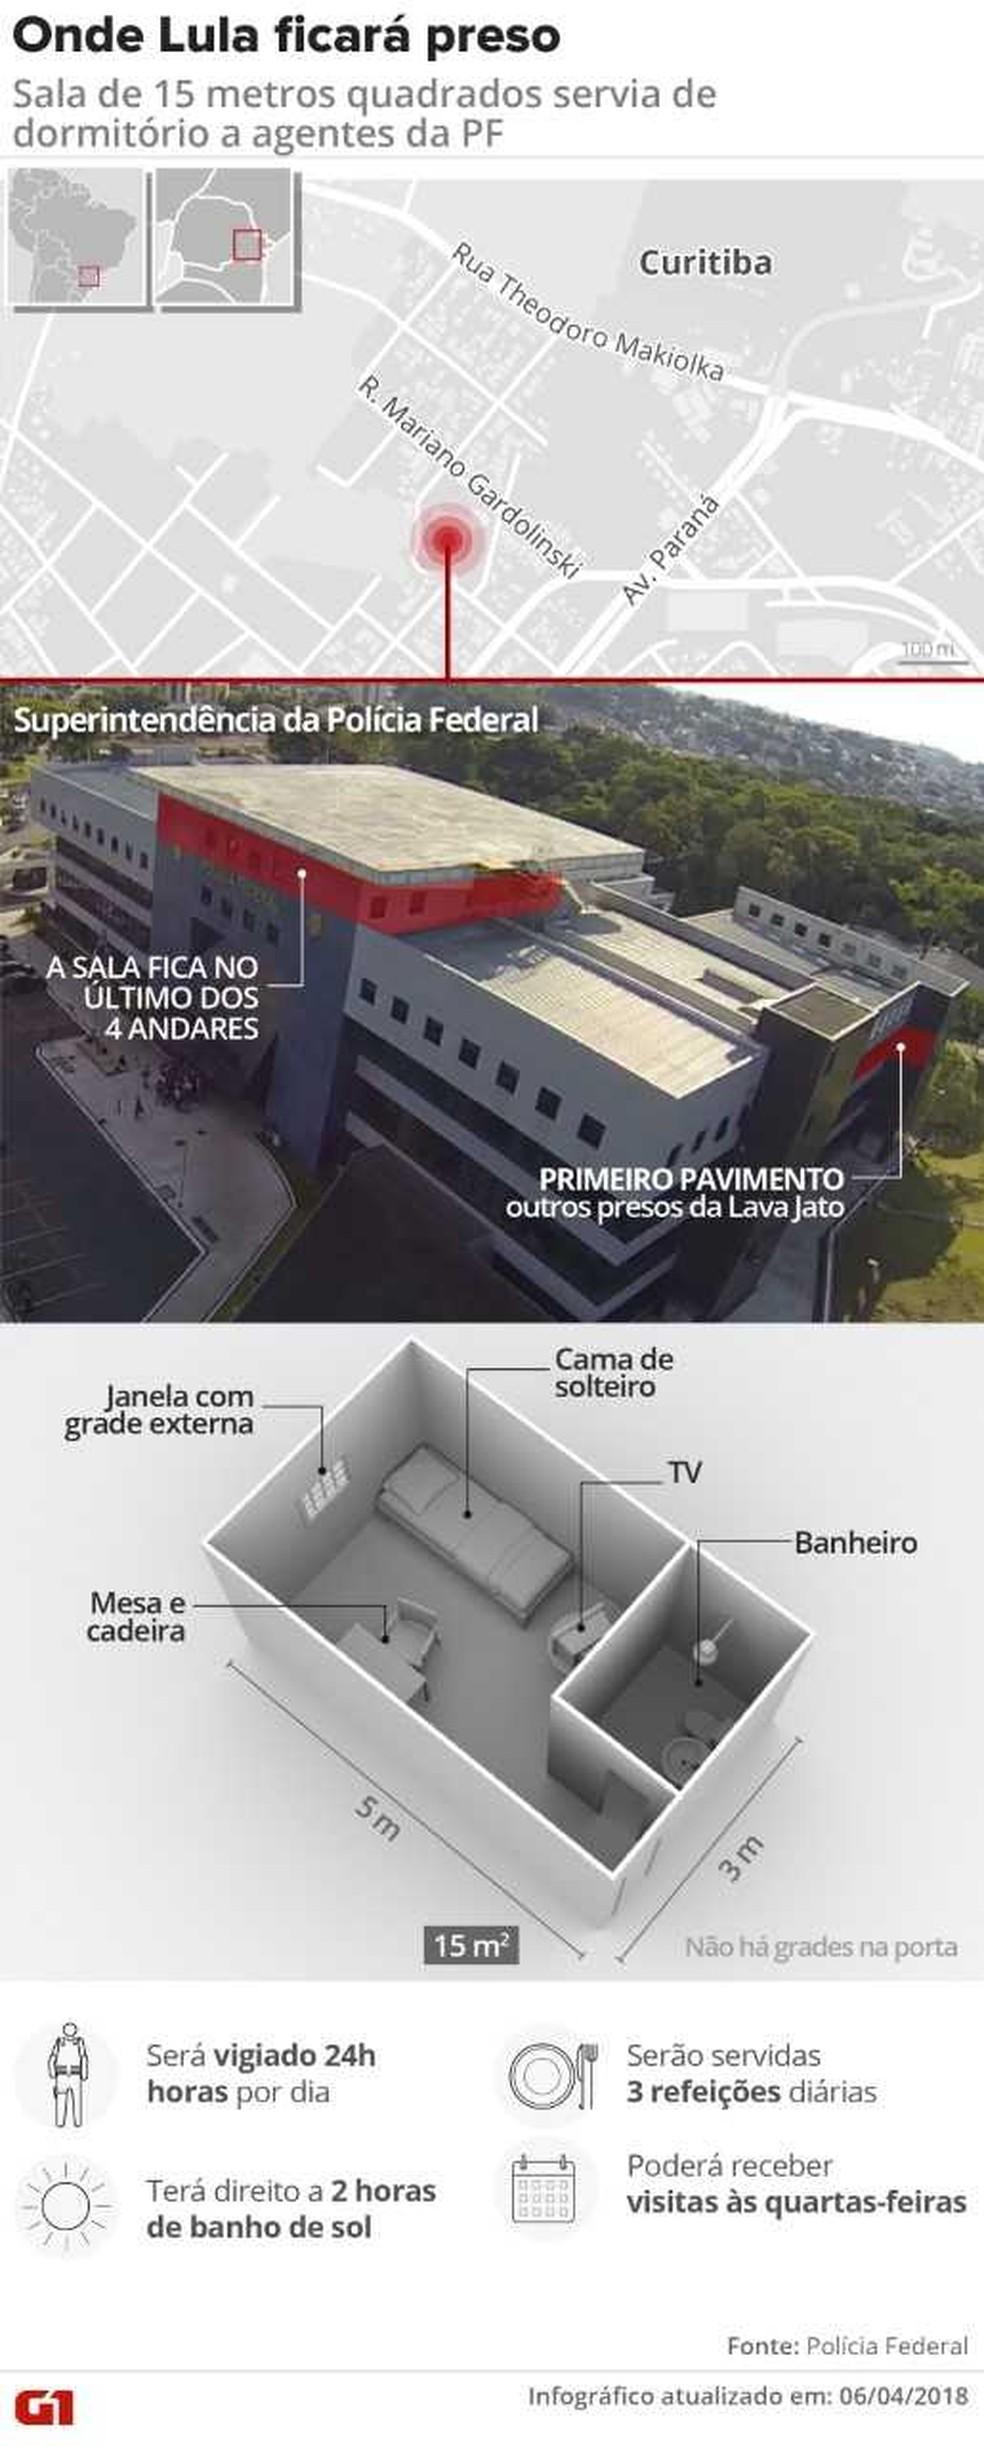 Na sala especial de Lula tem uma cama de solteiro, mesa, cadeira e televisão. (Foto:  Igor Estrella)